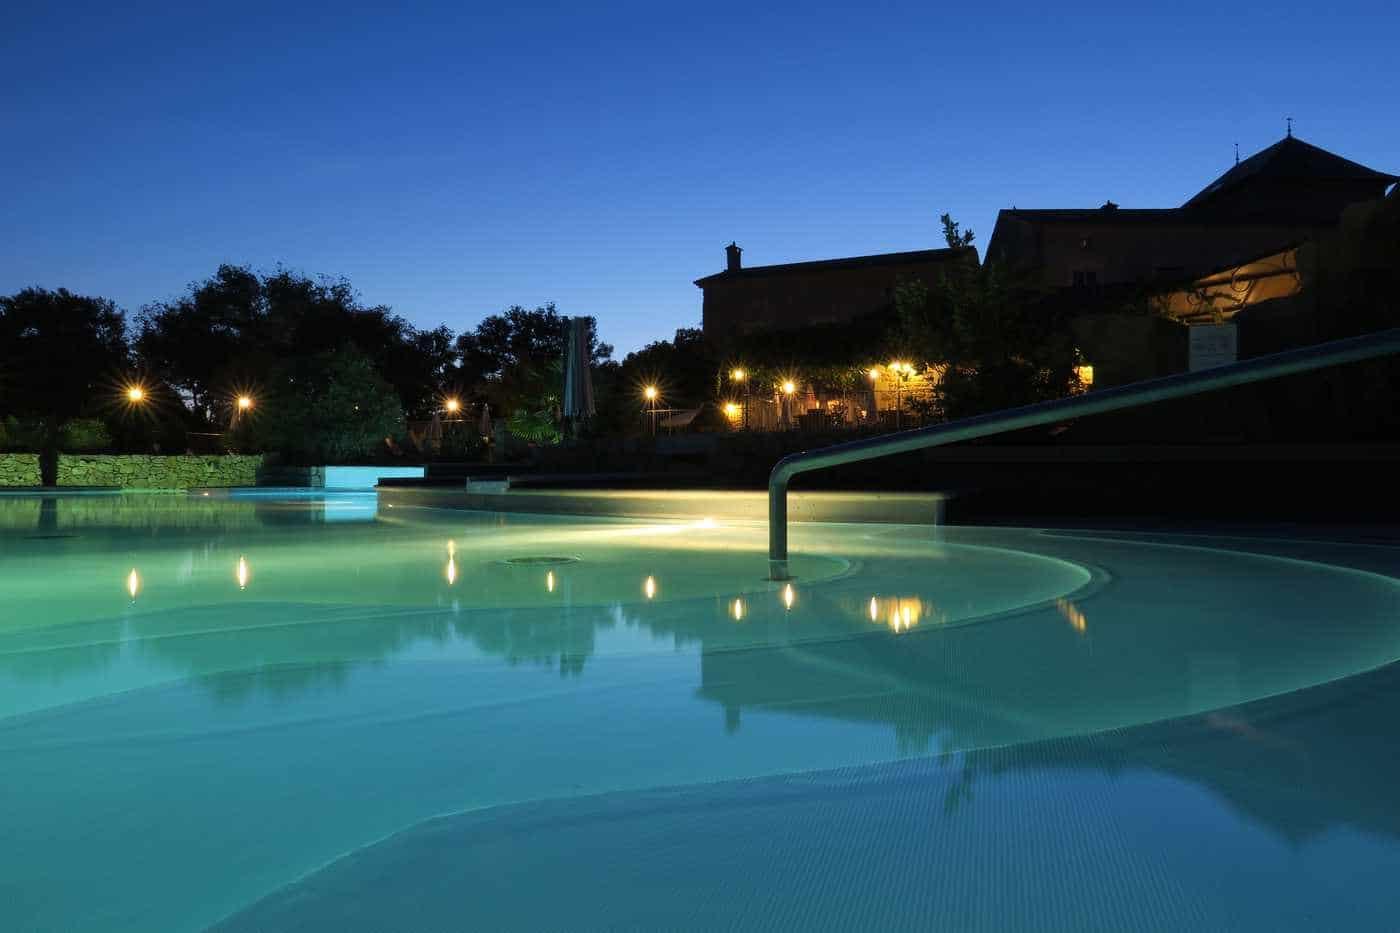 piscine du camping en Ardèche le soir